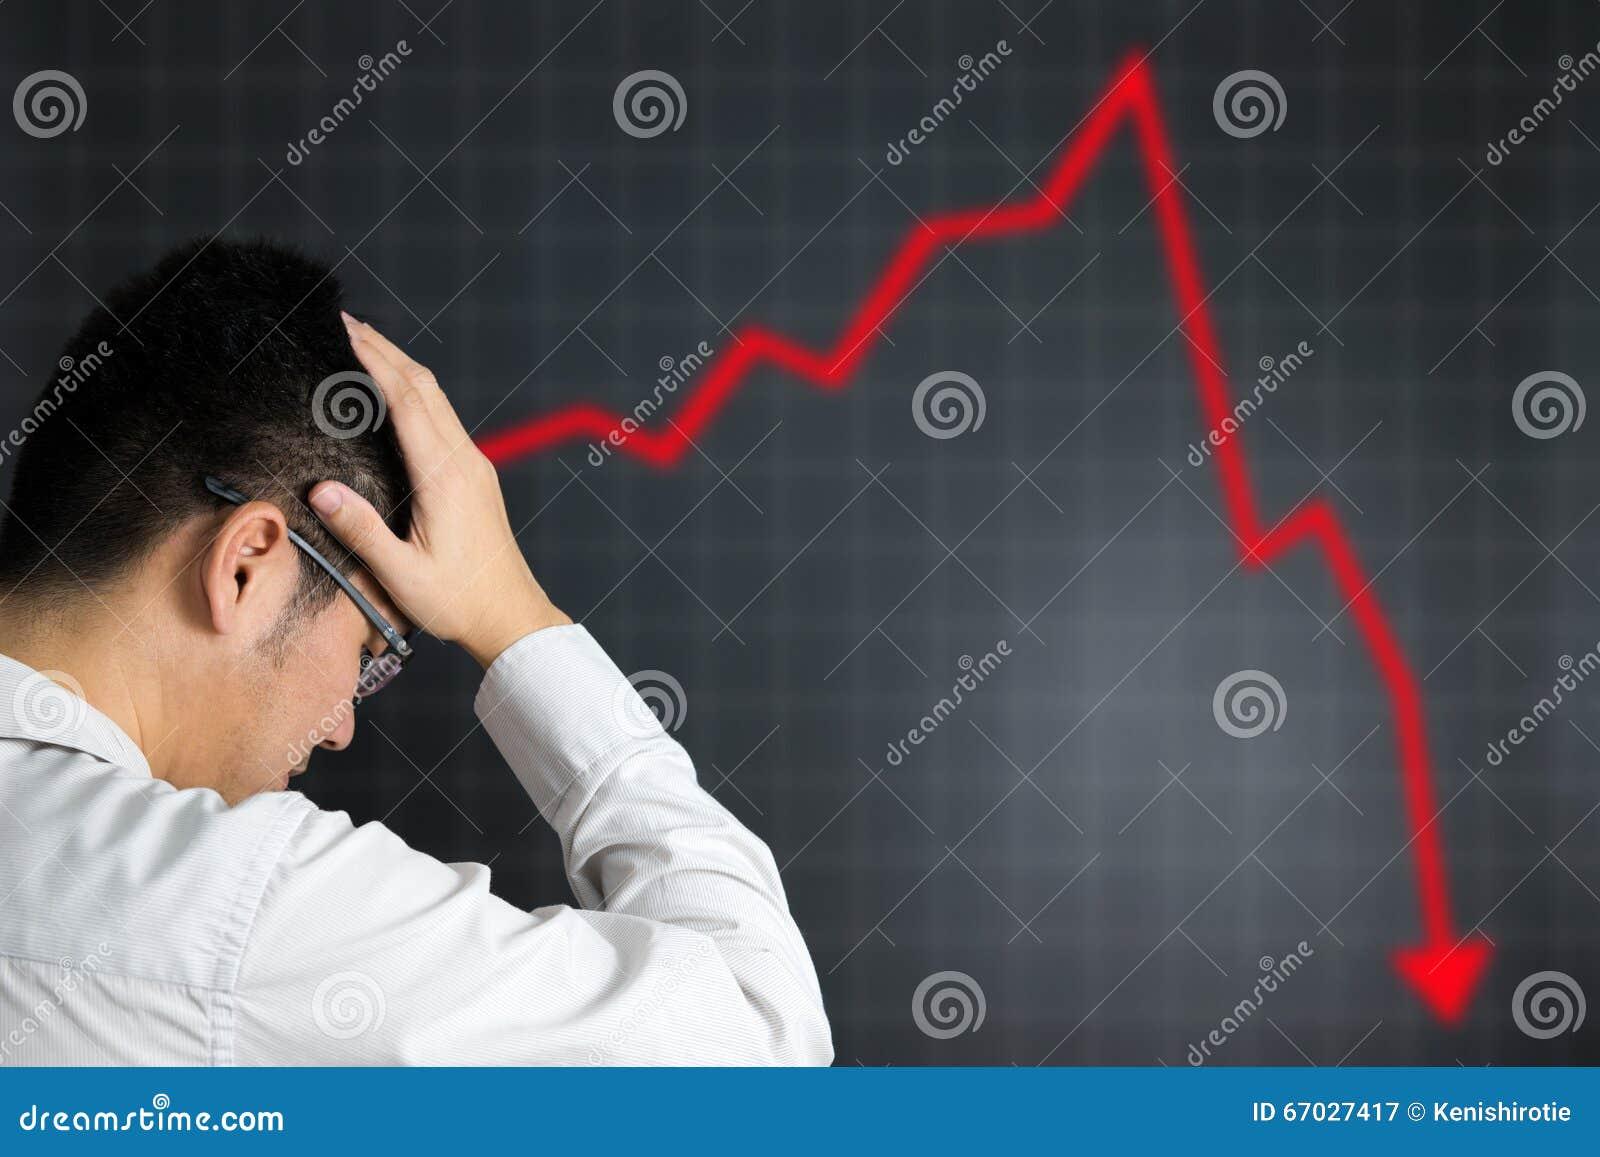 Diminuzione economica